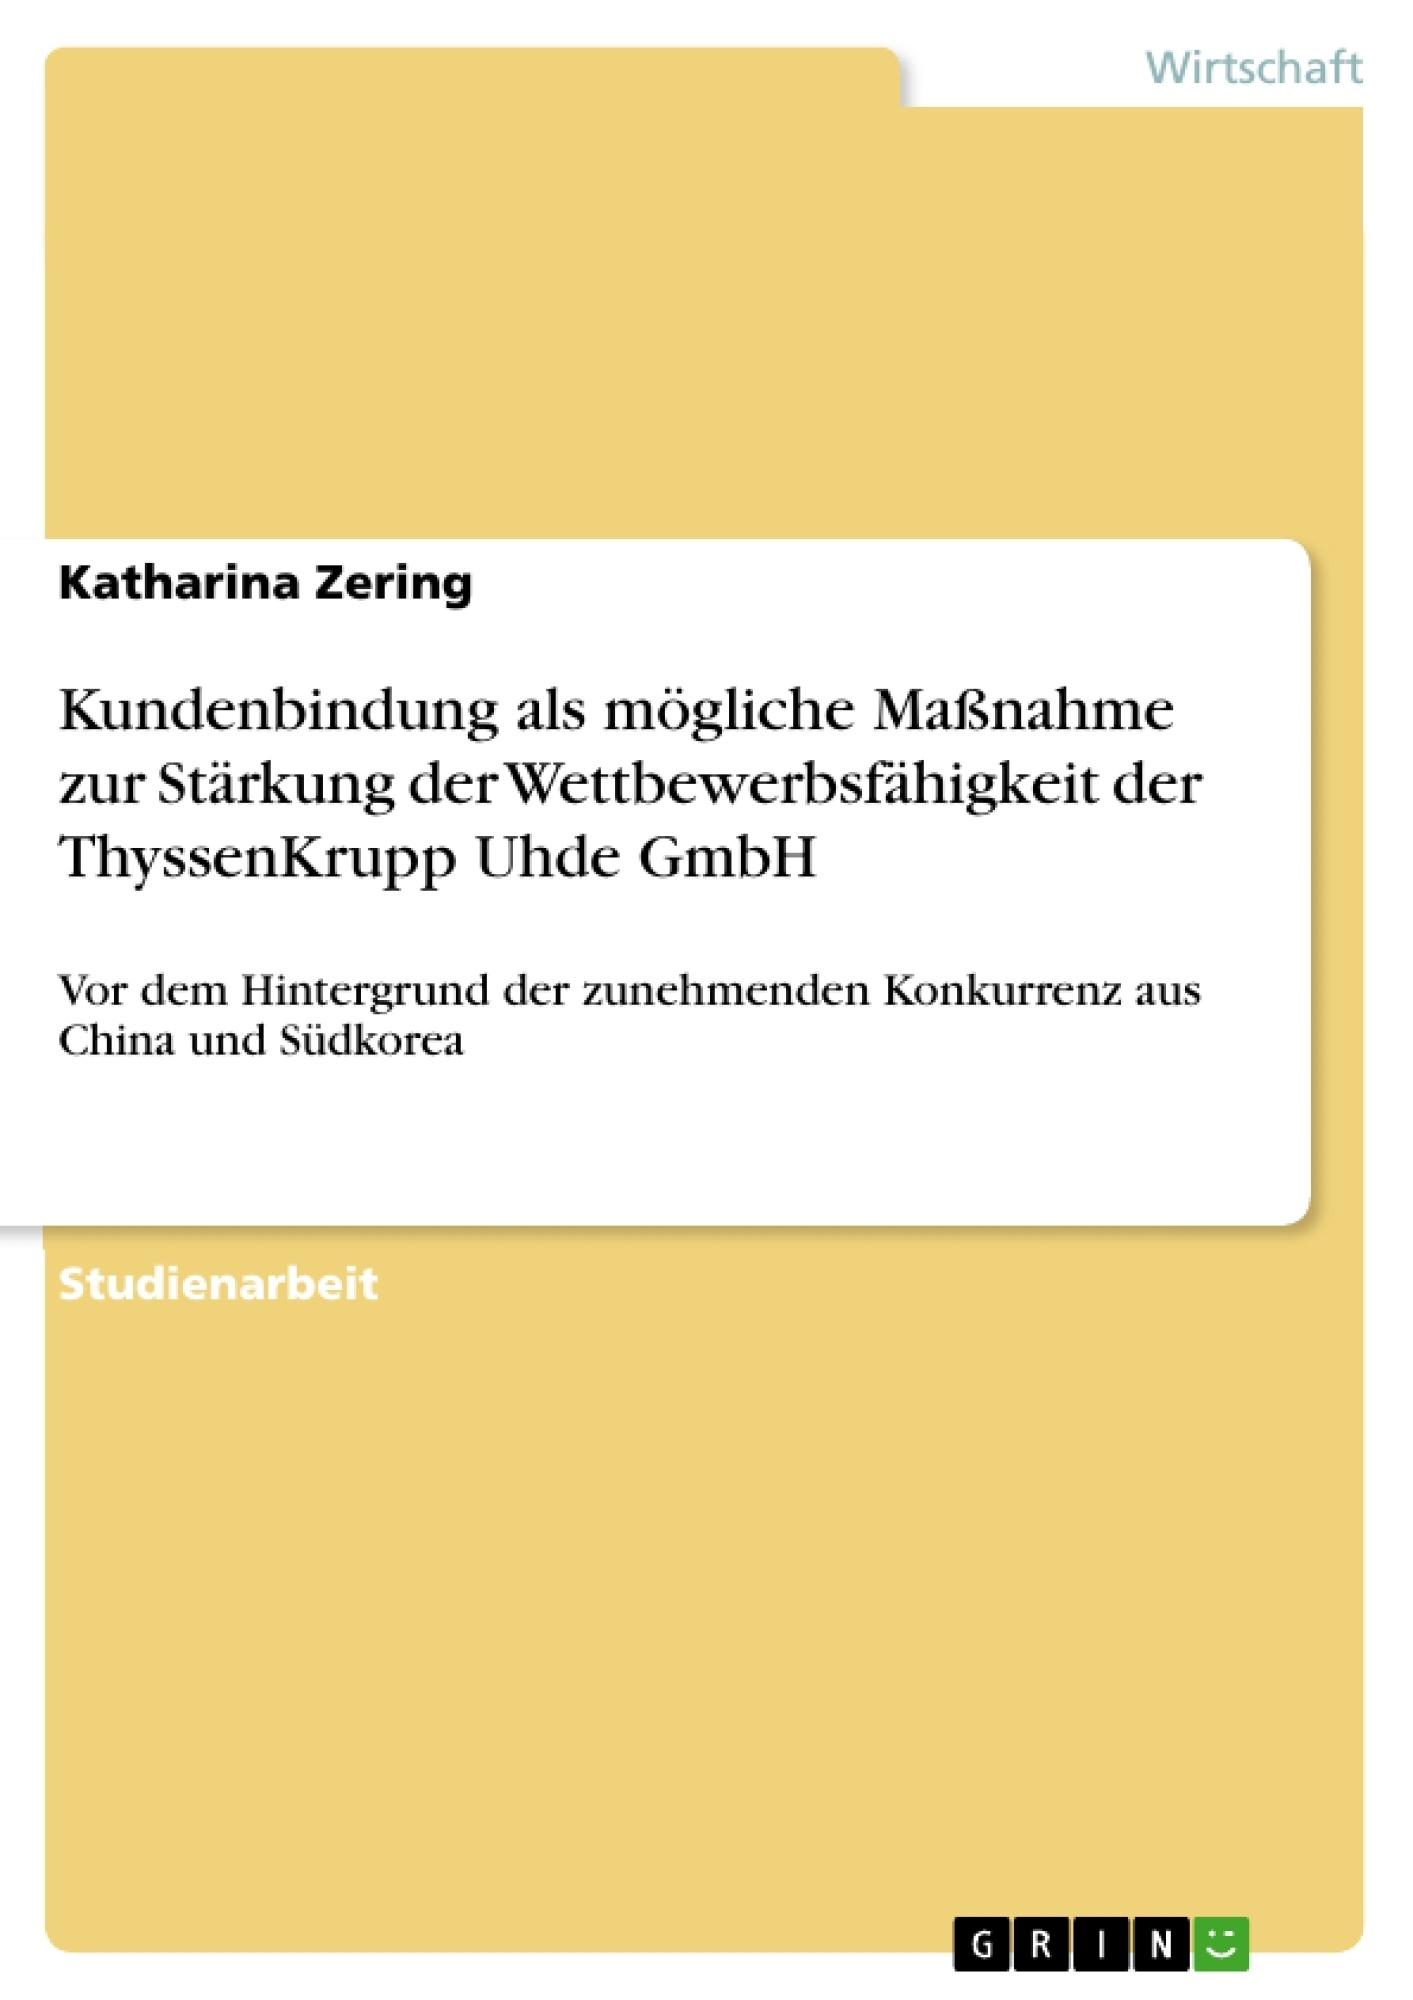 Titel: Kundenbindung als mögliche Maßnahme zur Stärkung der Wettbewerbsfähigkeit der ThyssenKrupp Uhde GmbH